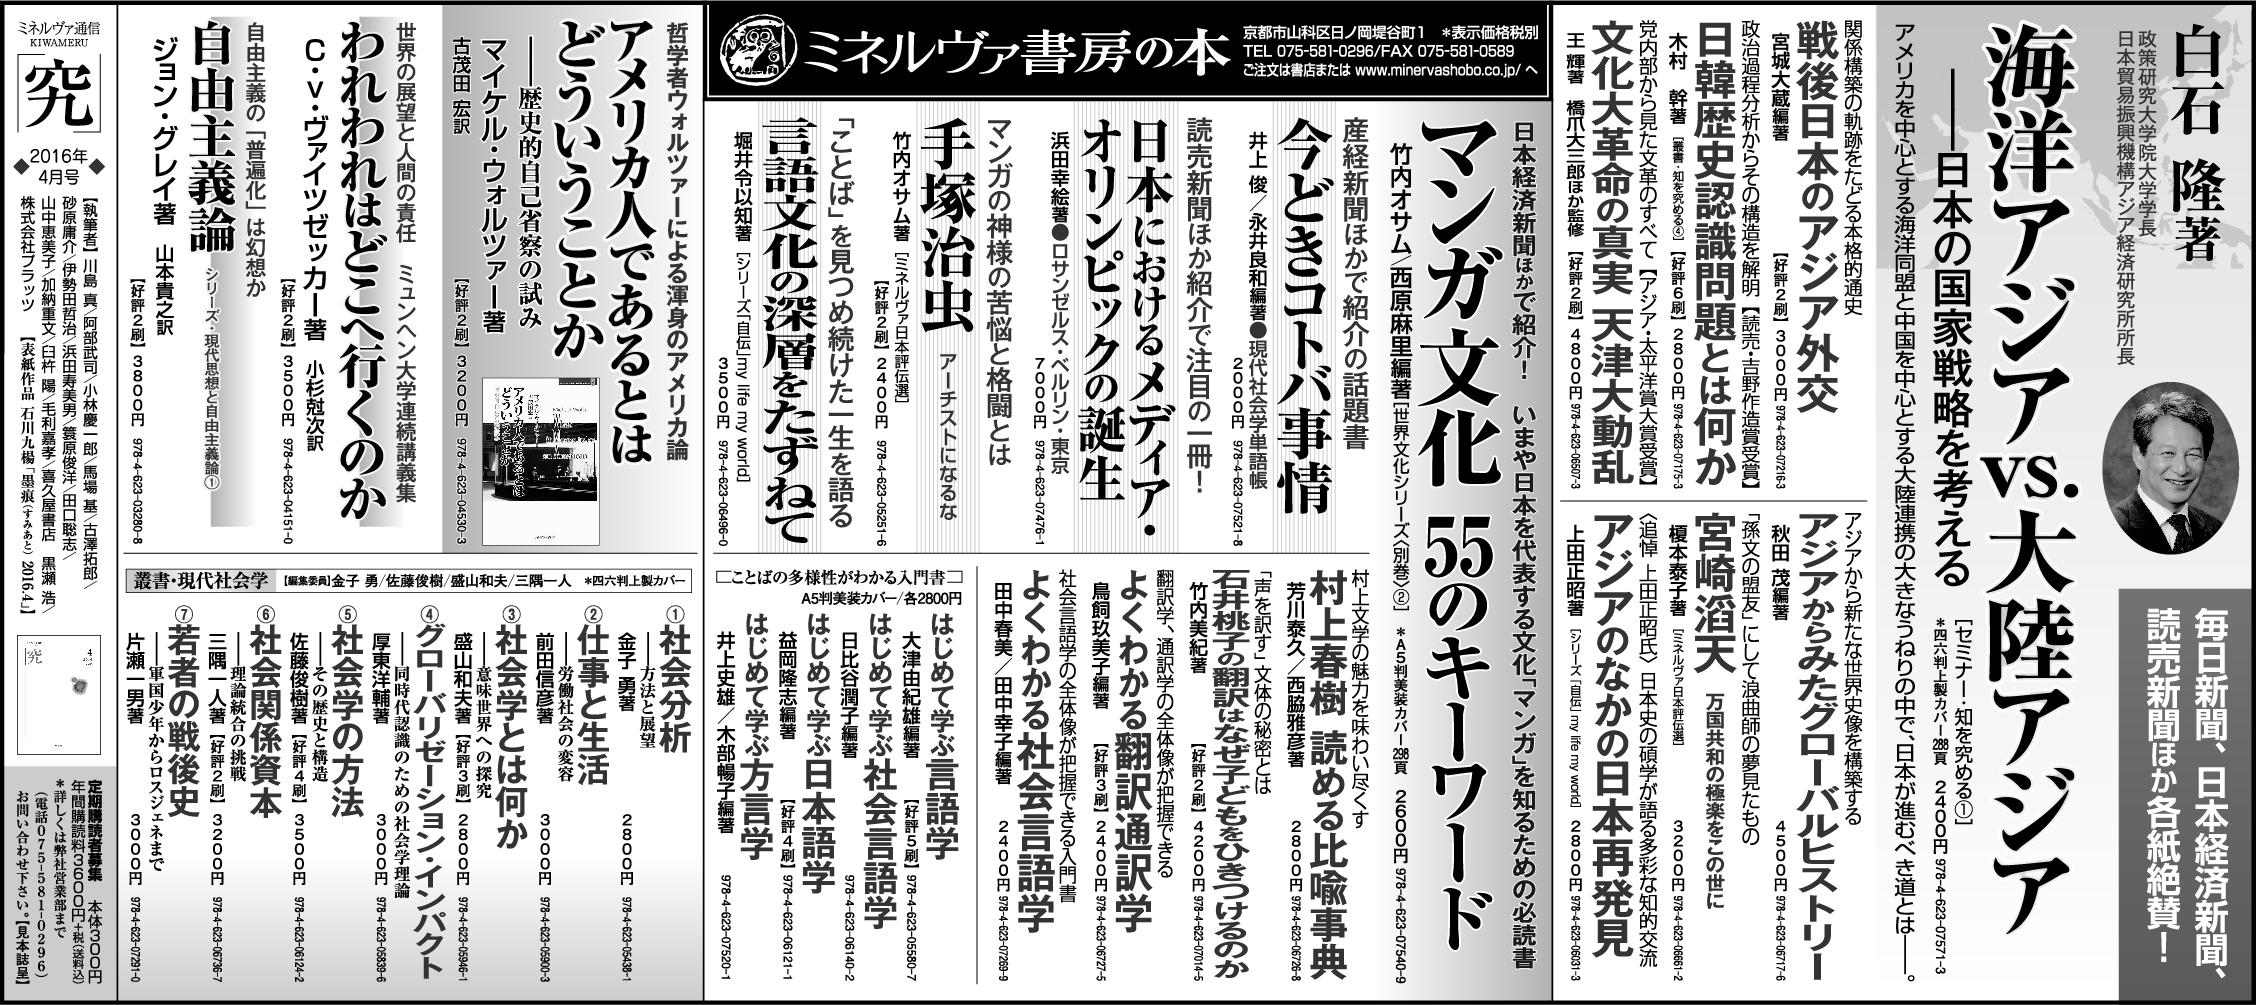 朝日新聞2016年4月10日(読書面)全5段広告